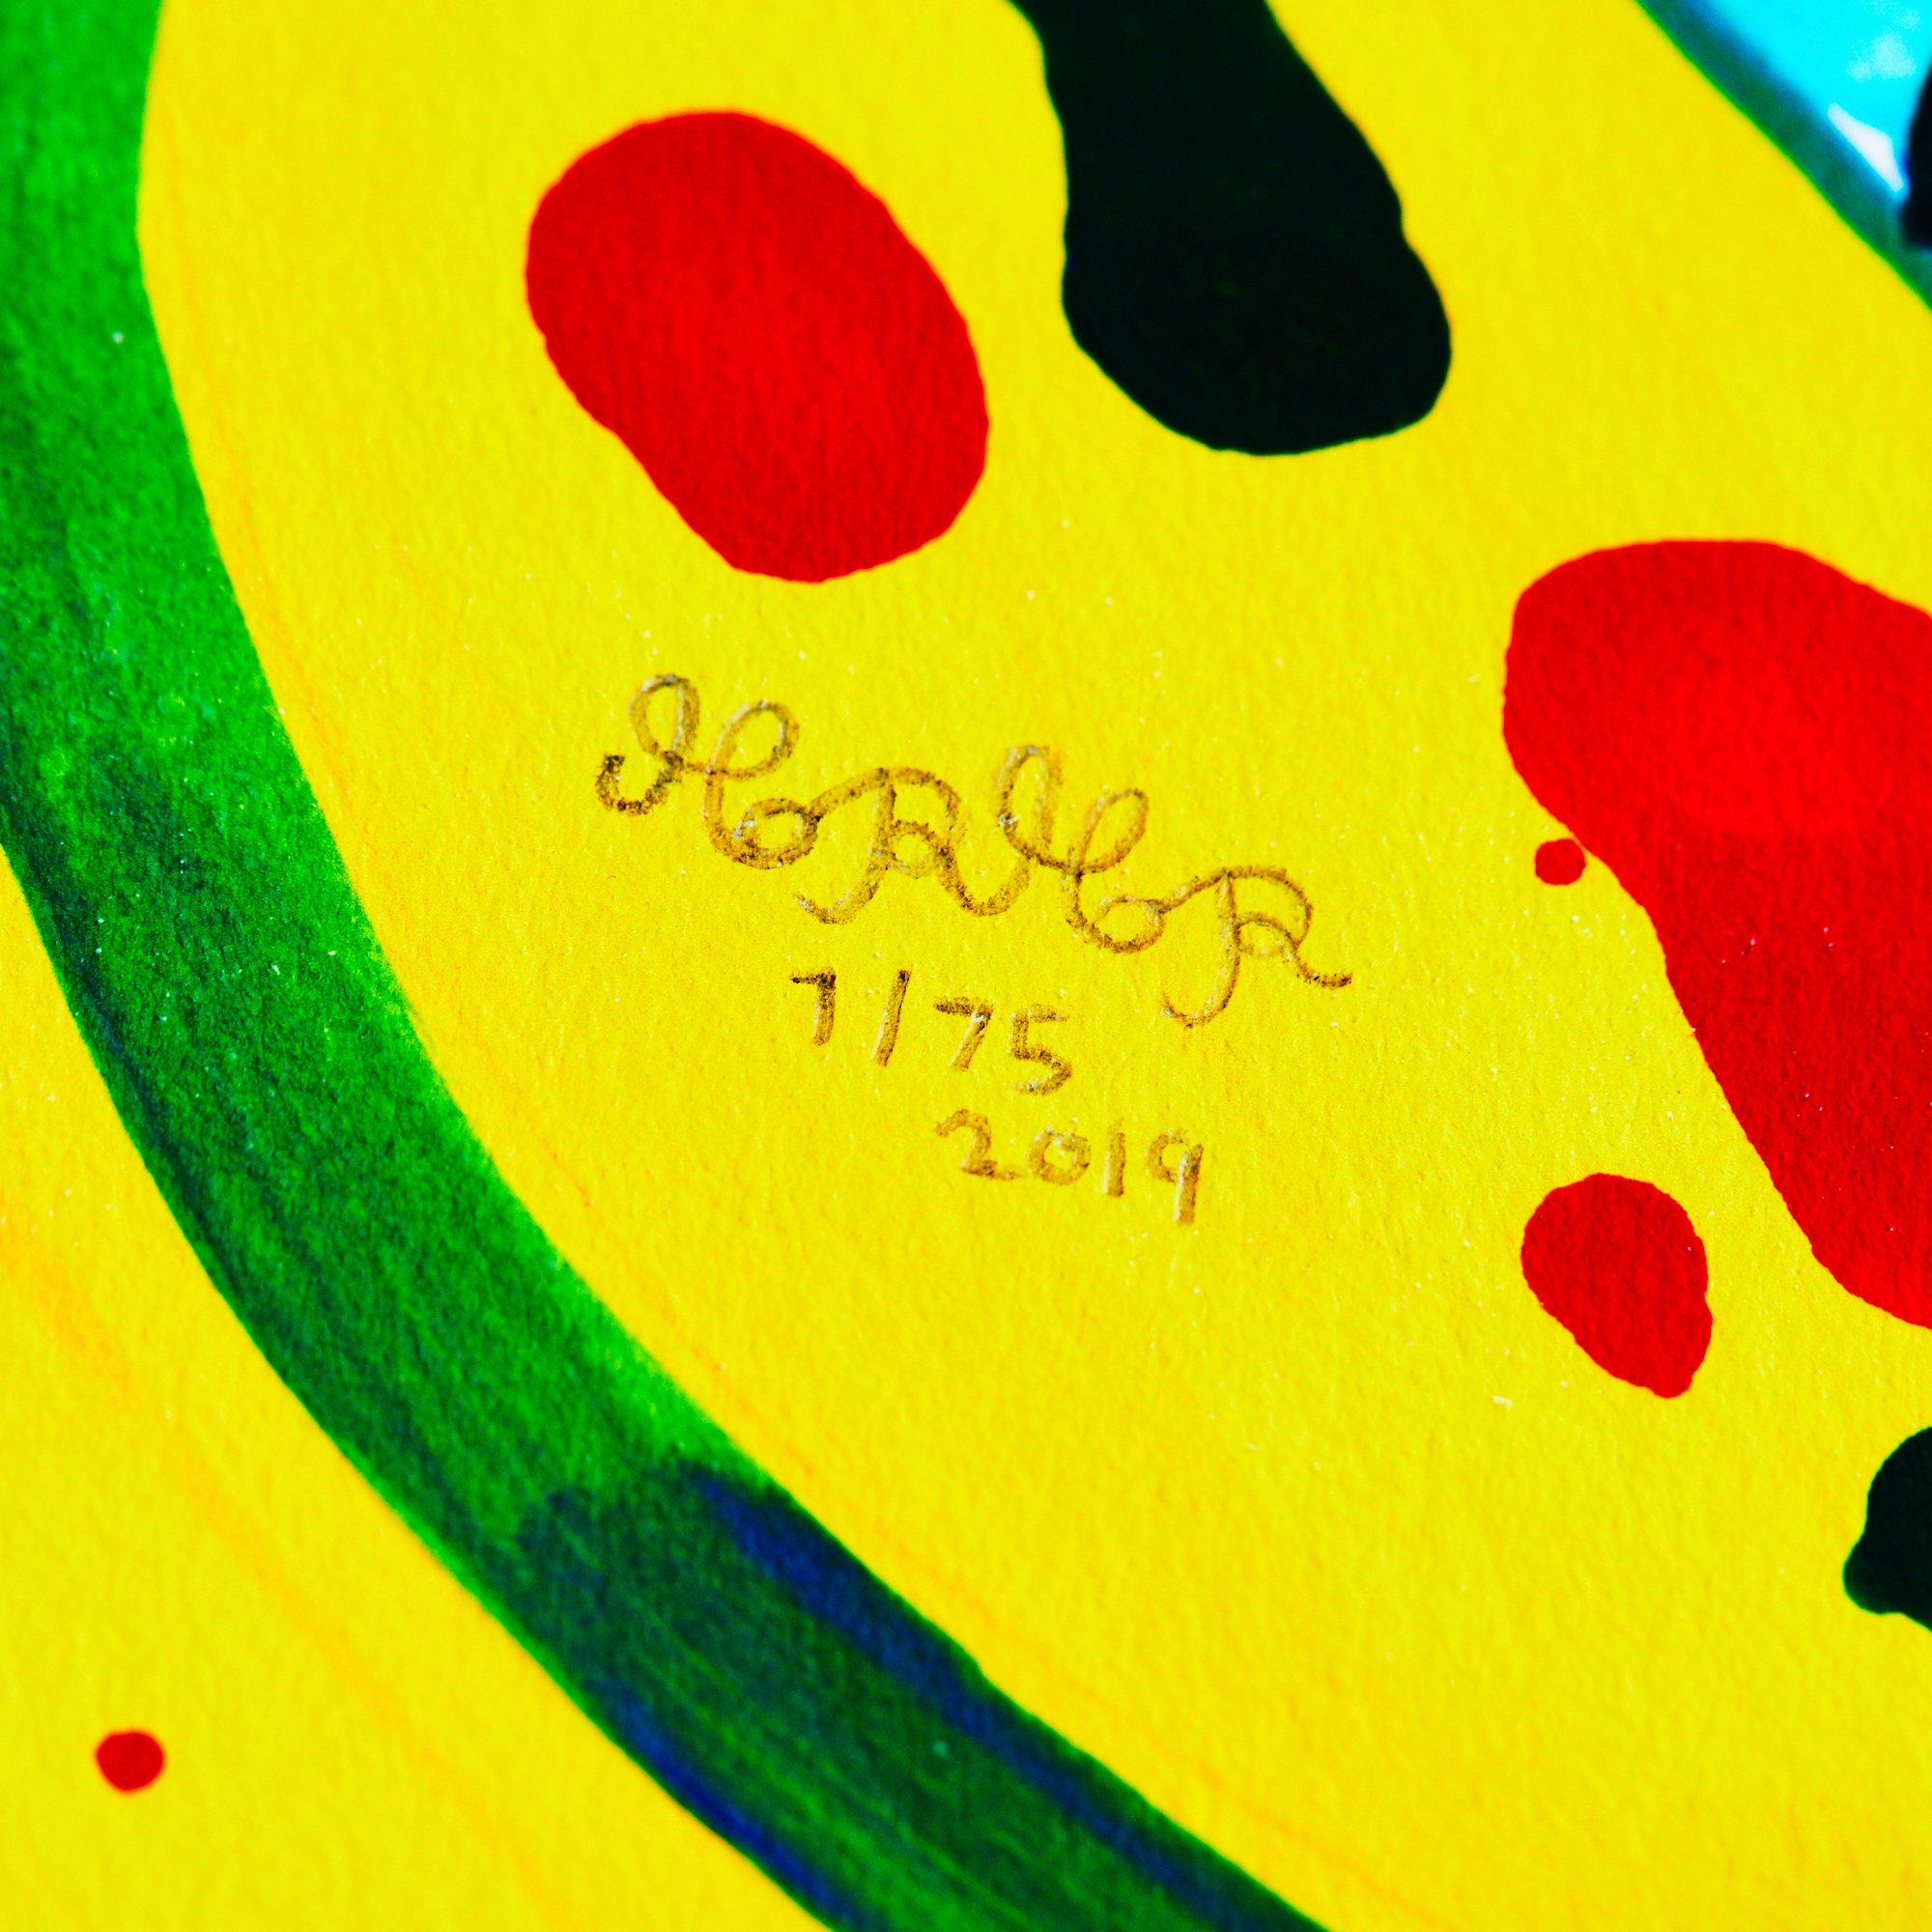 plakater-posters-kunsttryk, giclee-tryk, figurative, grafiske, pop, portræt, dyreliv, kroppe, tegneserier, humor, vilde-dyr, blå, grønne, pink, turkise, gule, akryl, papir, sjove, drenge, bygninger, biler, dansk, interiør, bolig-indretning, børn, moderne, moderne-kunst, Køb original kunst og kunstplakater. Malerier, tegninger, limited edition kunsttryk & plakater af dygtige kunstnere.